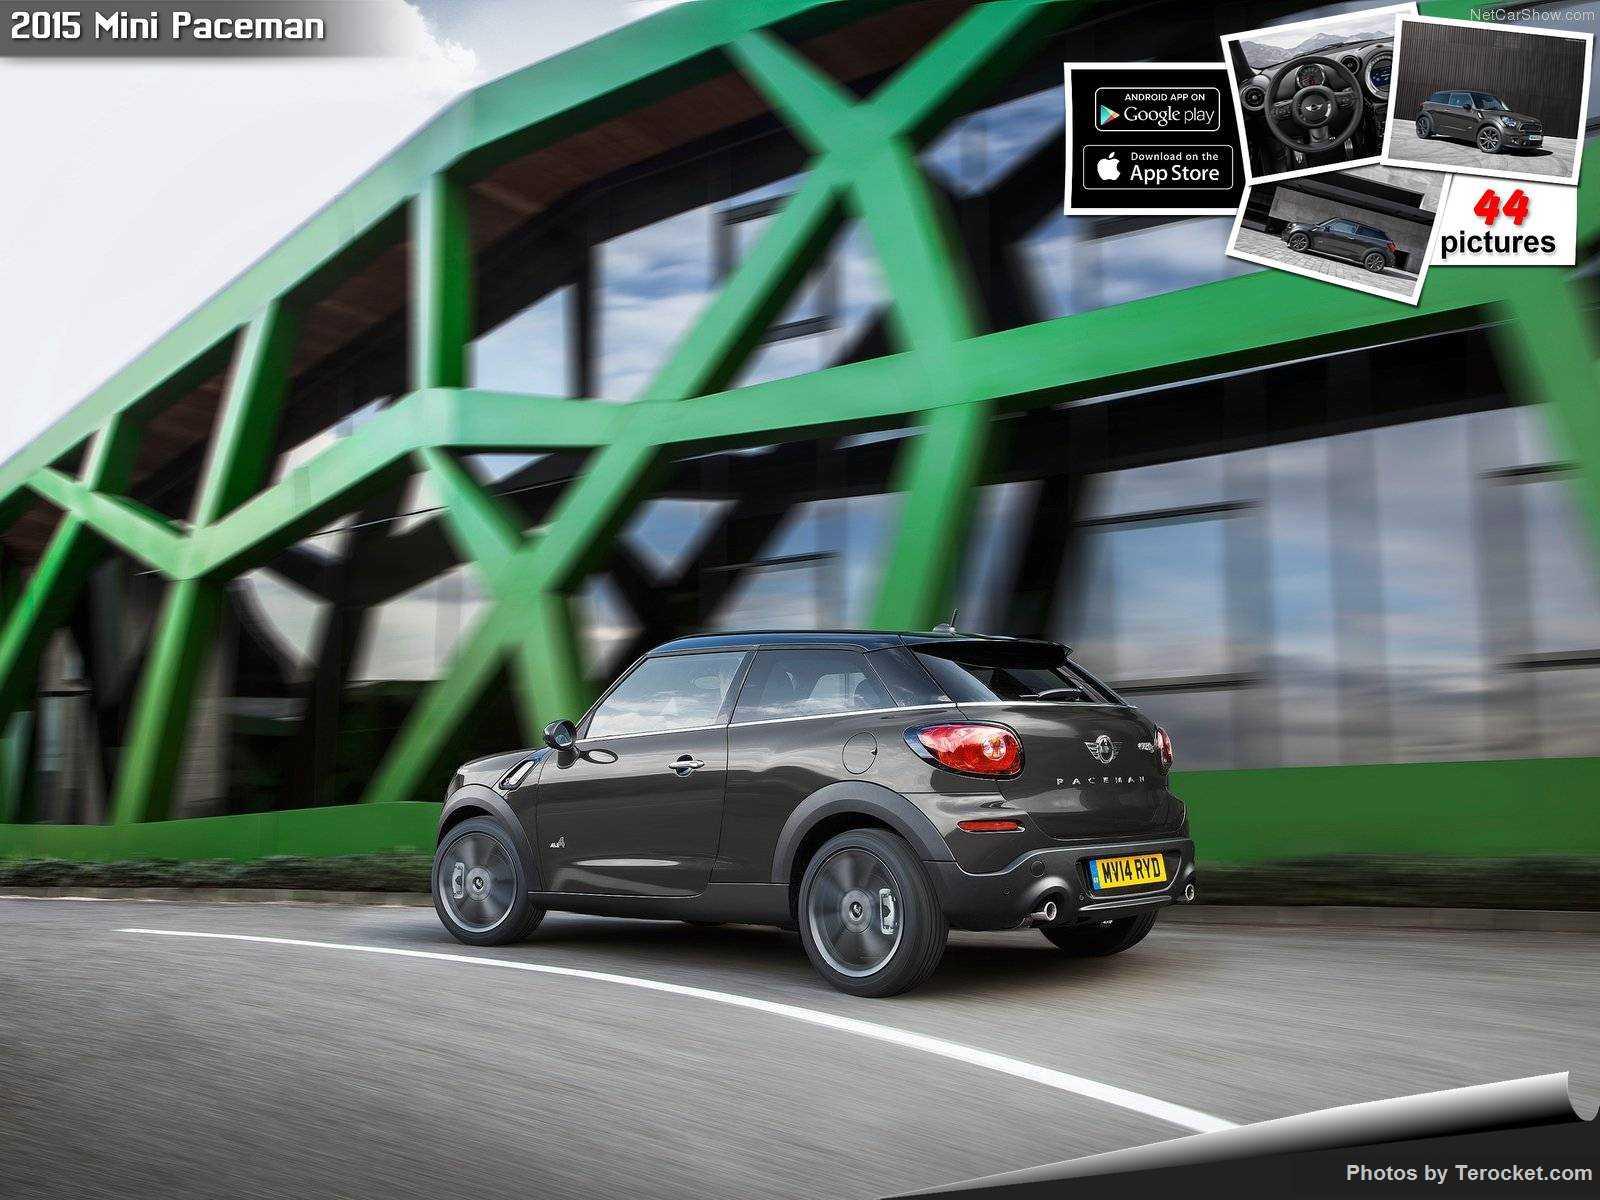 Hình ảnh xe ô tô Mini Paceman 2015 & nội ngoại thất